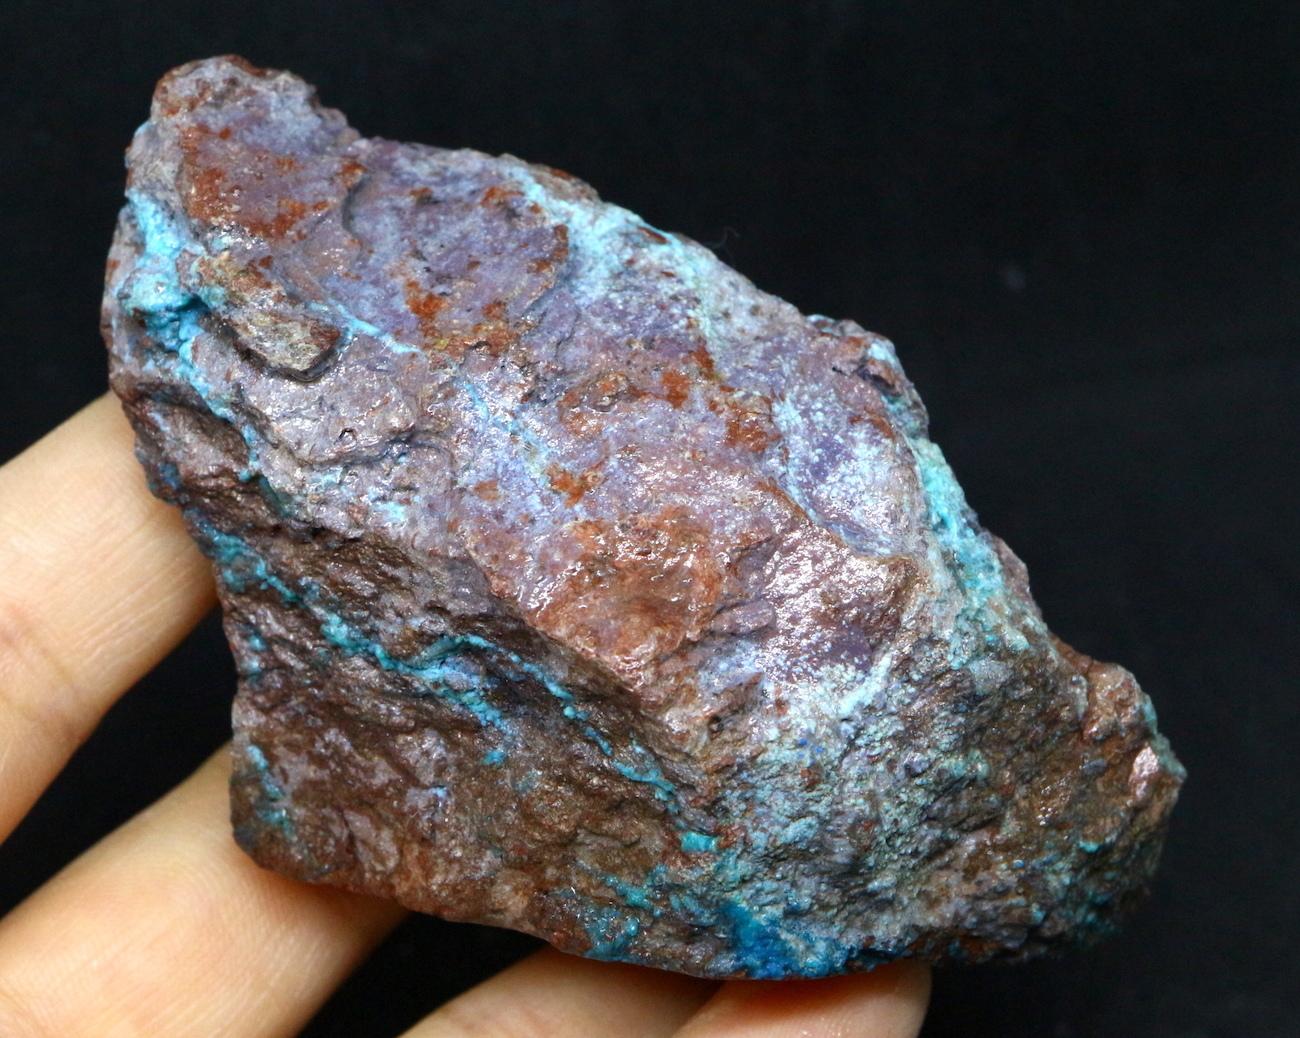 クリソコラ 珪孔雀石 アリゾナ州  139,5g CHS006  鉱物 天然石 原石